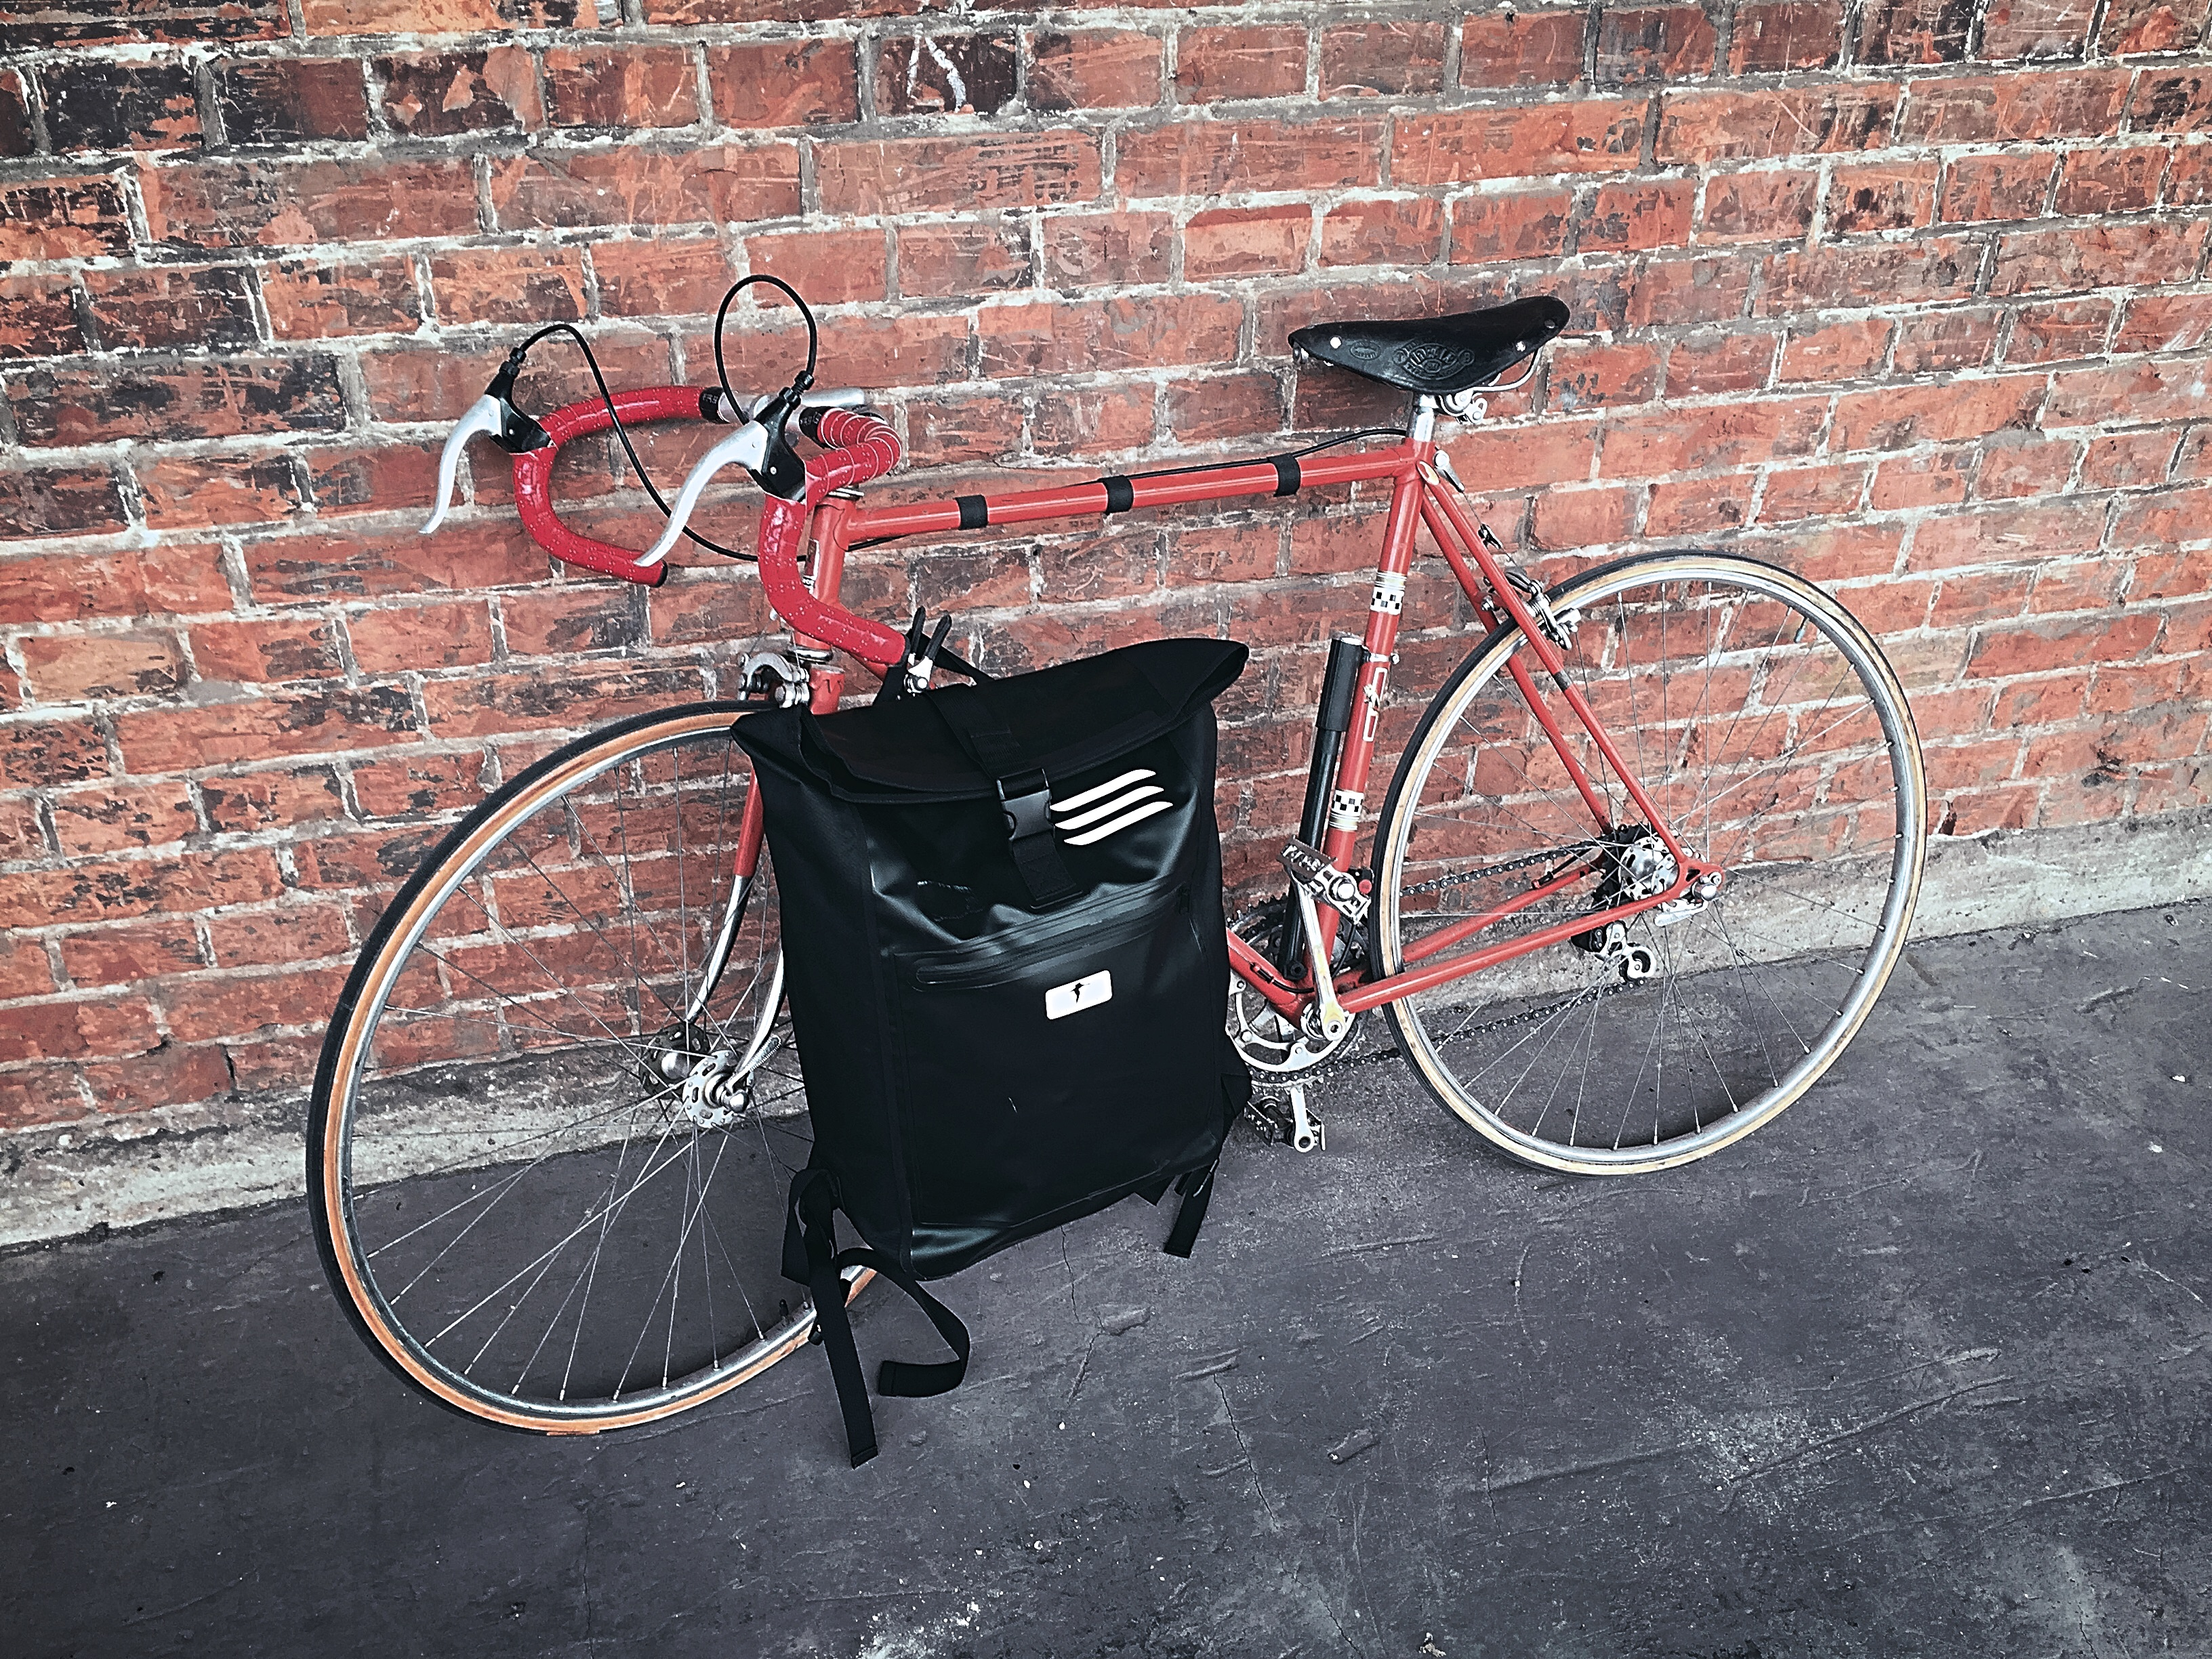 An eine Backsteinmauer ist ein orangefarbenes Rennrad angelehnt. Davor steht ein schwarzer Red Loon Kurierrucksack.